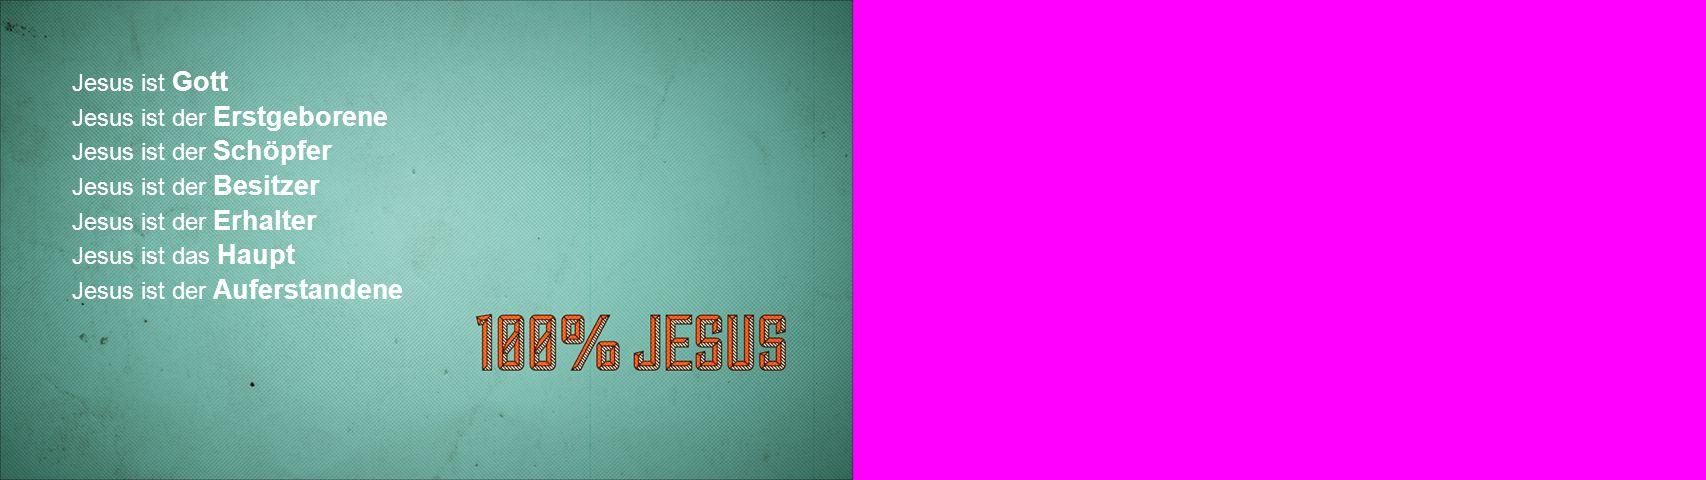 Jesus ist Gott Jesus ist der Erstgeborene Jesus ist der Schöpfer Jesus ist der Besitzer Jesus ist der Erhalter Jesus ist das Haupt Jesus ist der Auferstandene